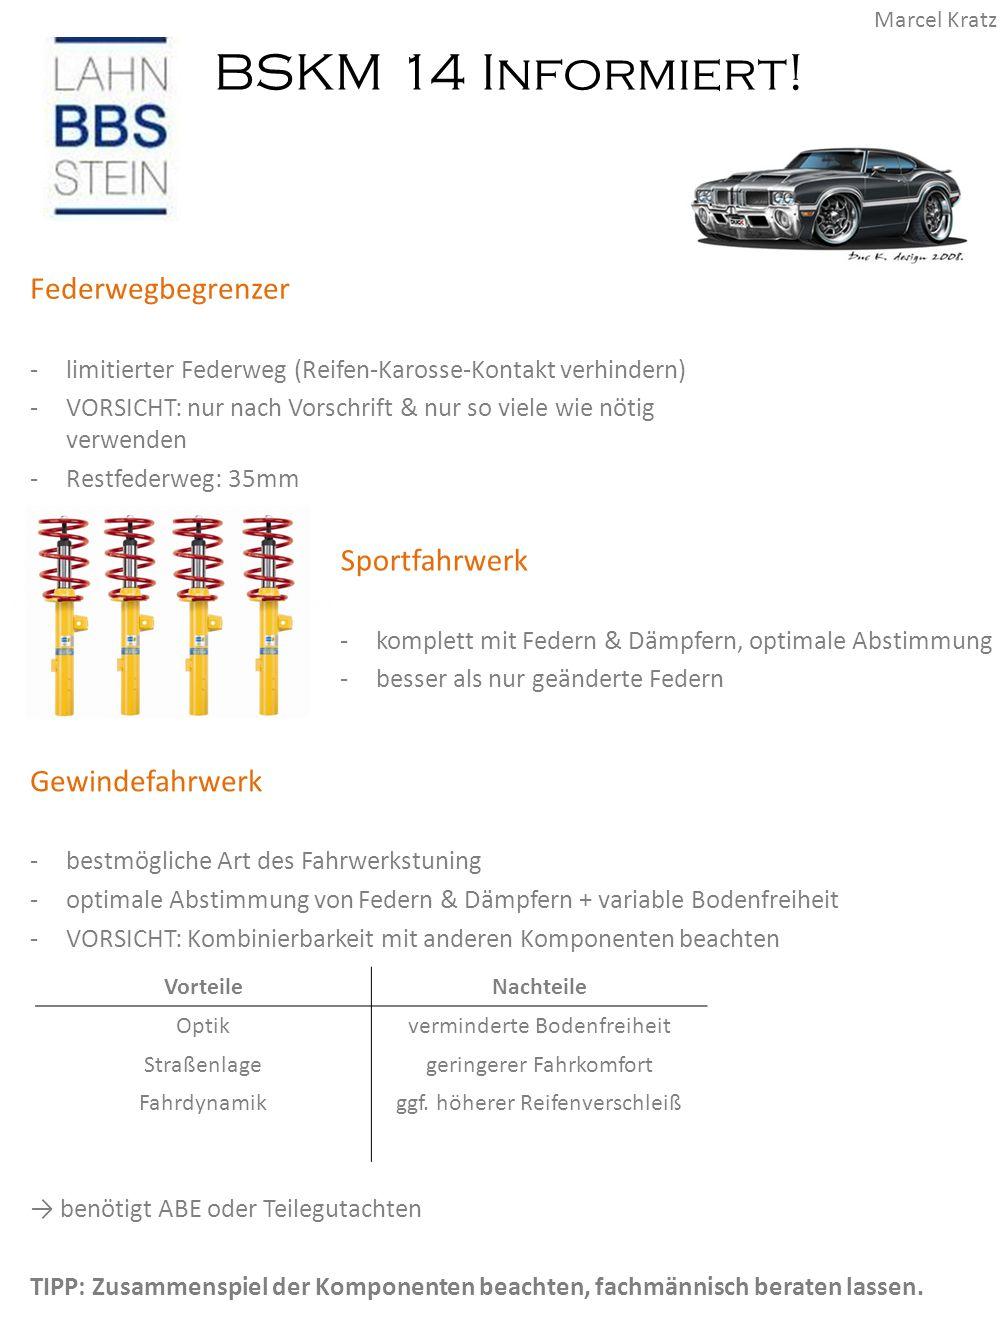 BSKM 14 Informiert! Bauteilerklärung Gewindefahrwerk Marcel Kratz